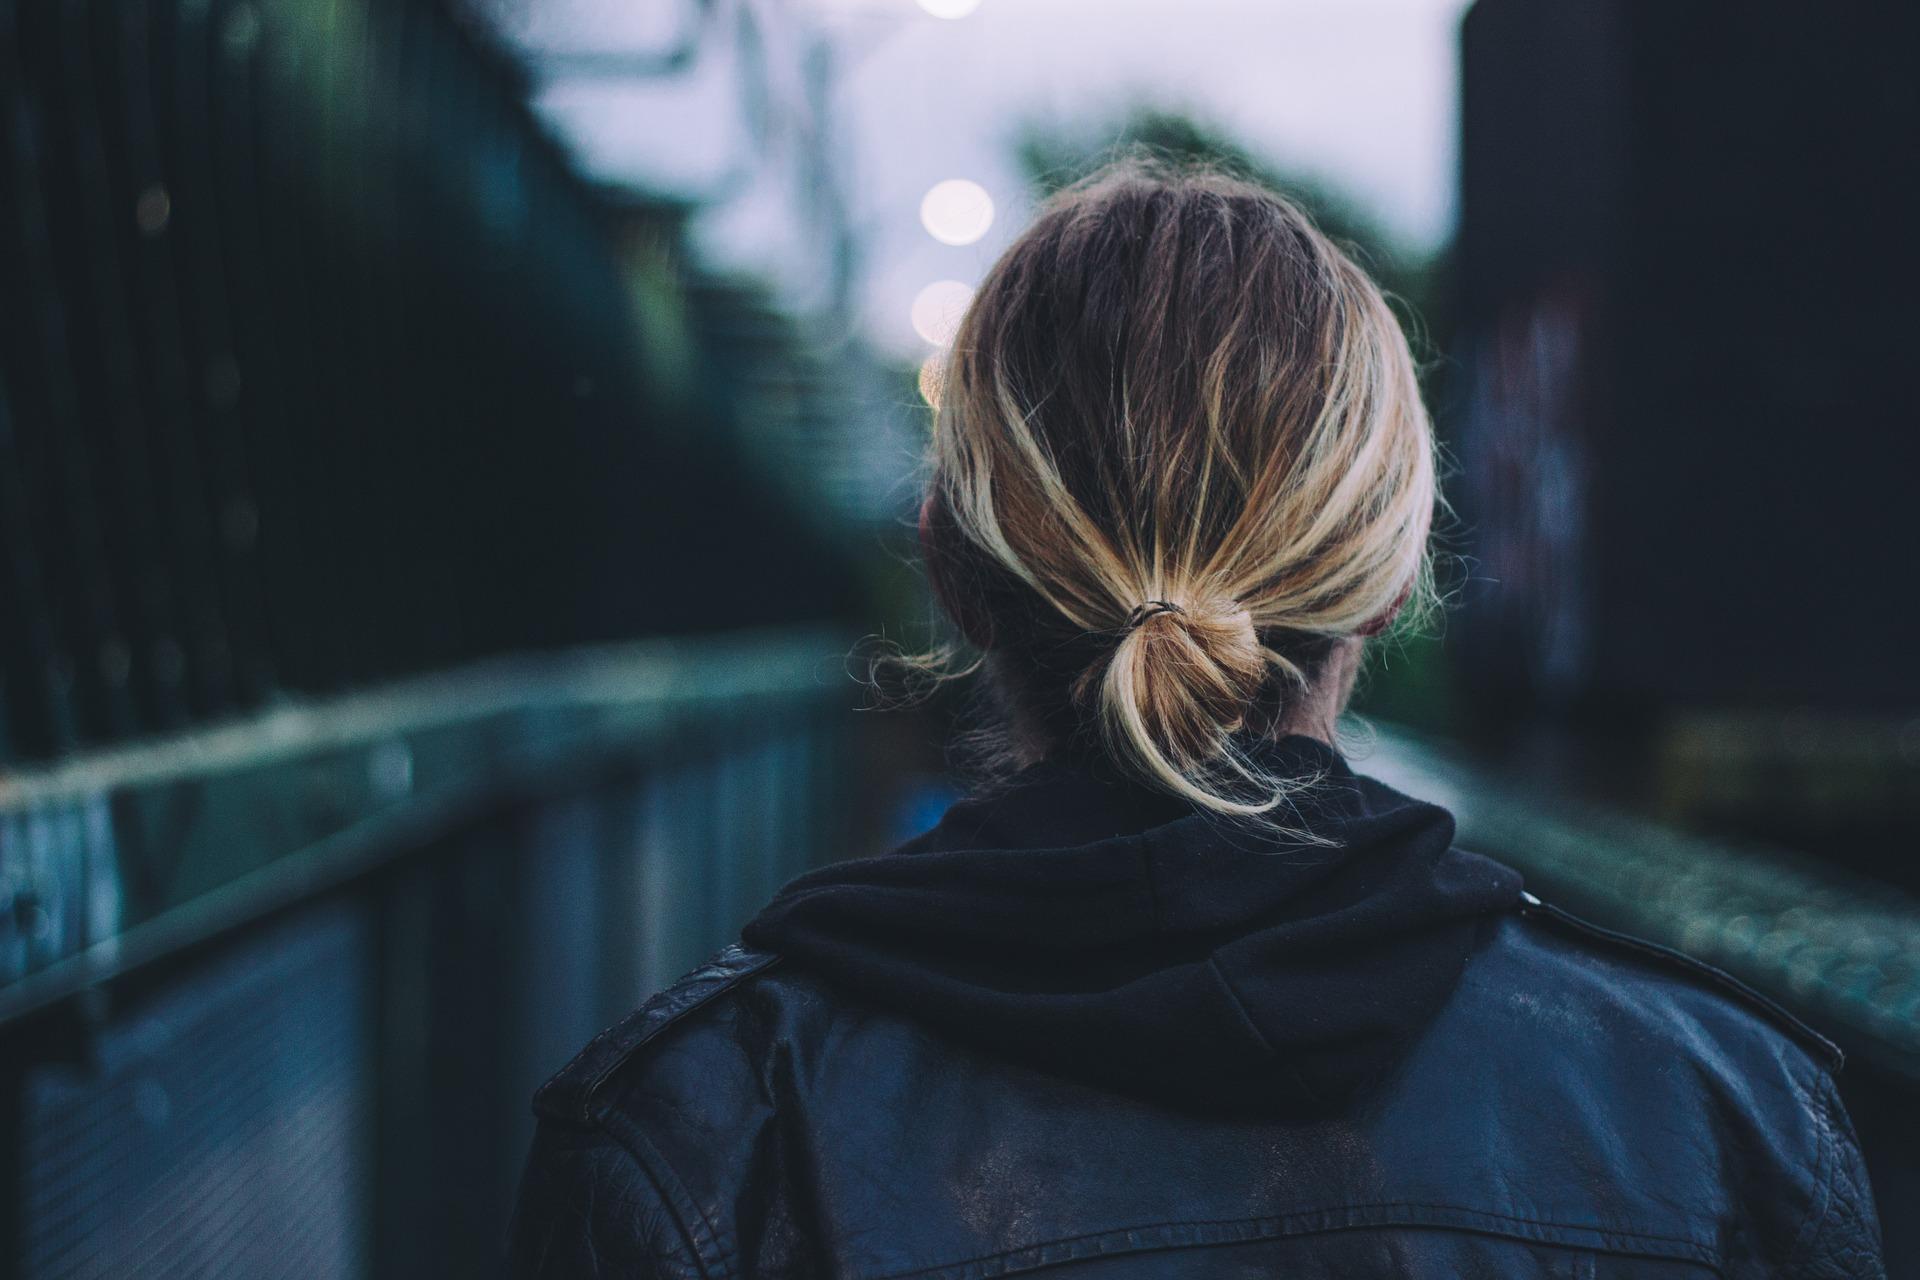 Psicoterapia e sostegno psicologico a perugia